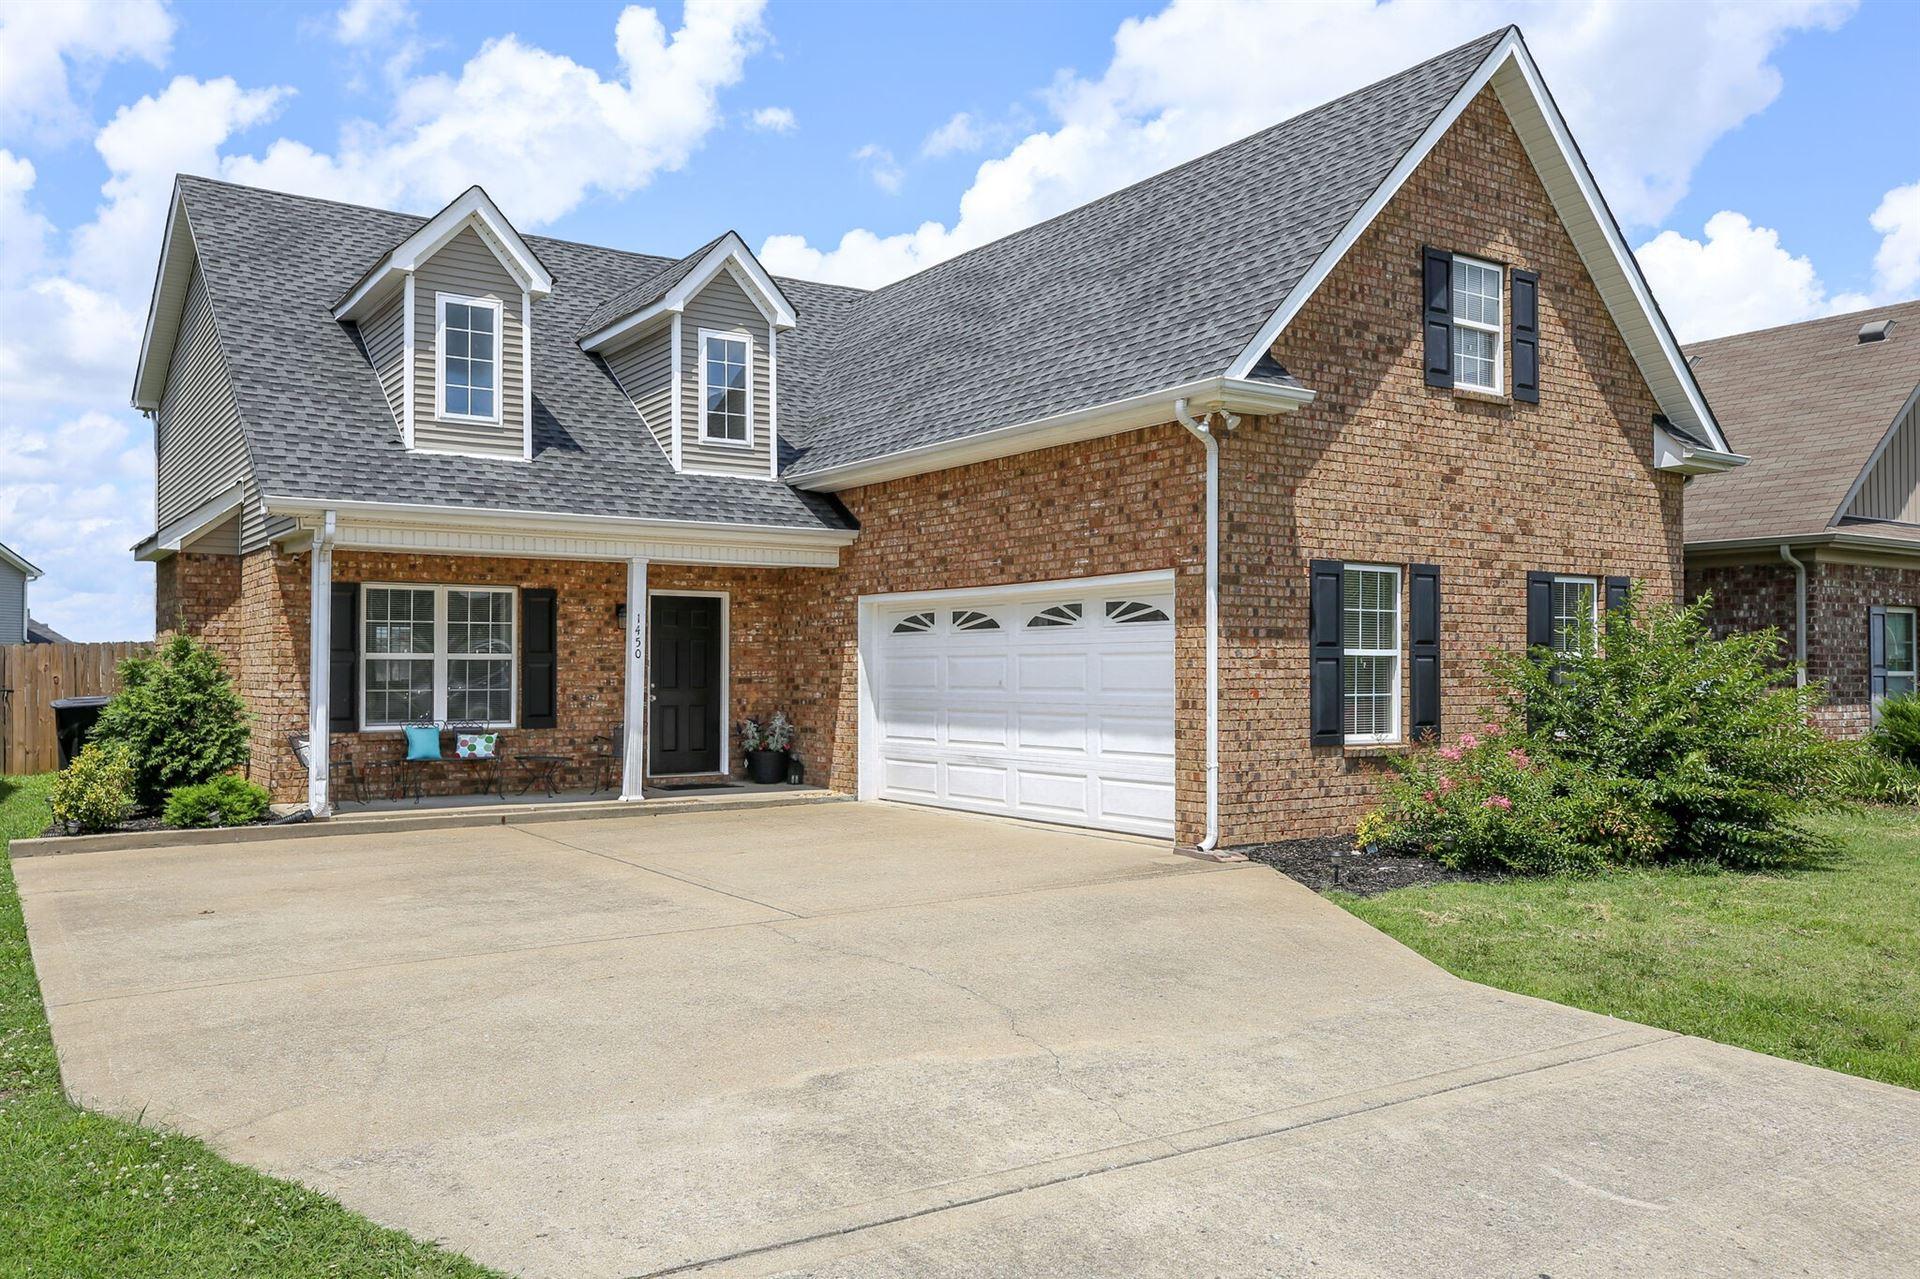 1450 Sunray Dr, Murfreesboro, TN 37127 - MLS#: 2270853